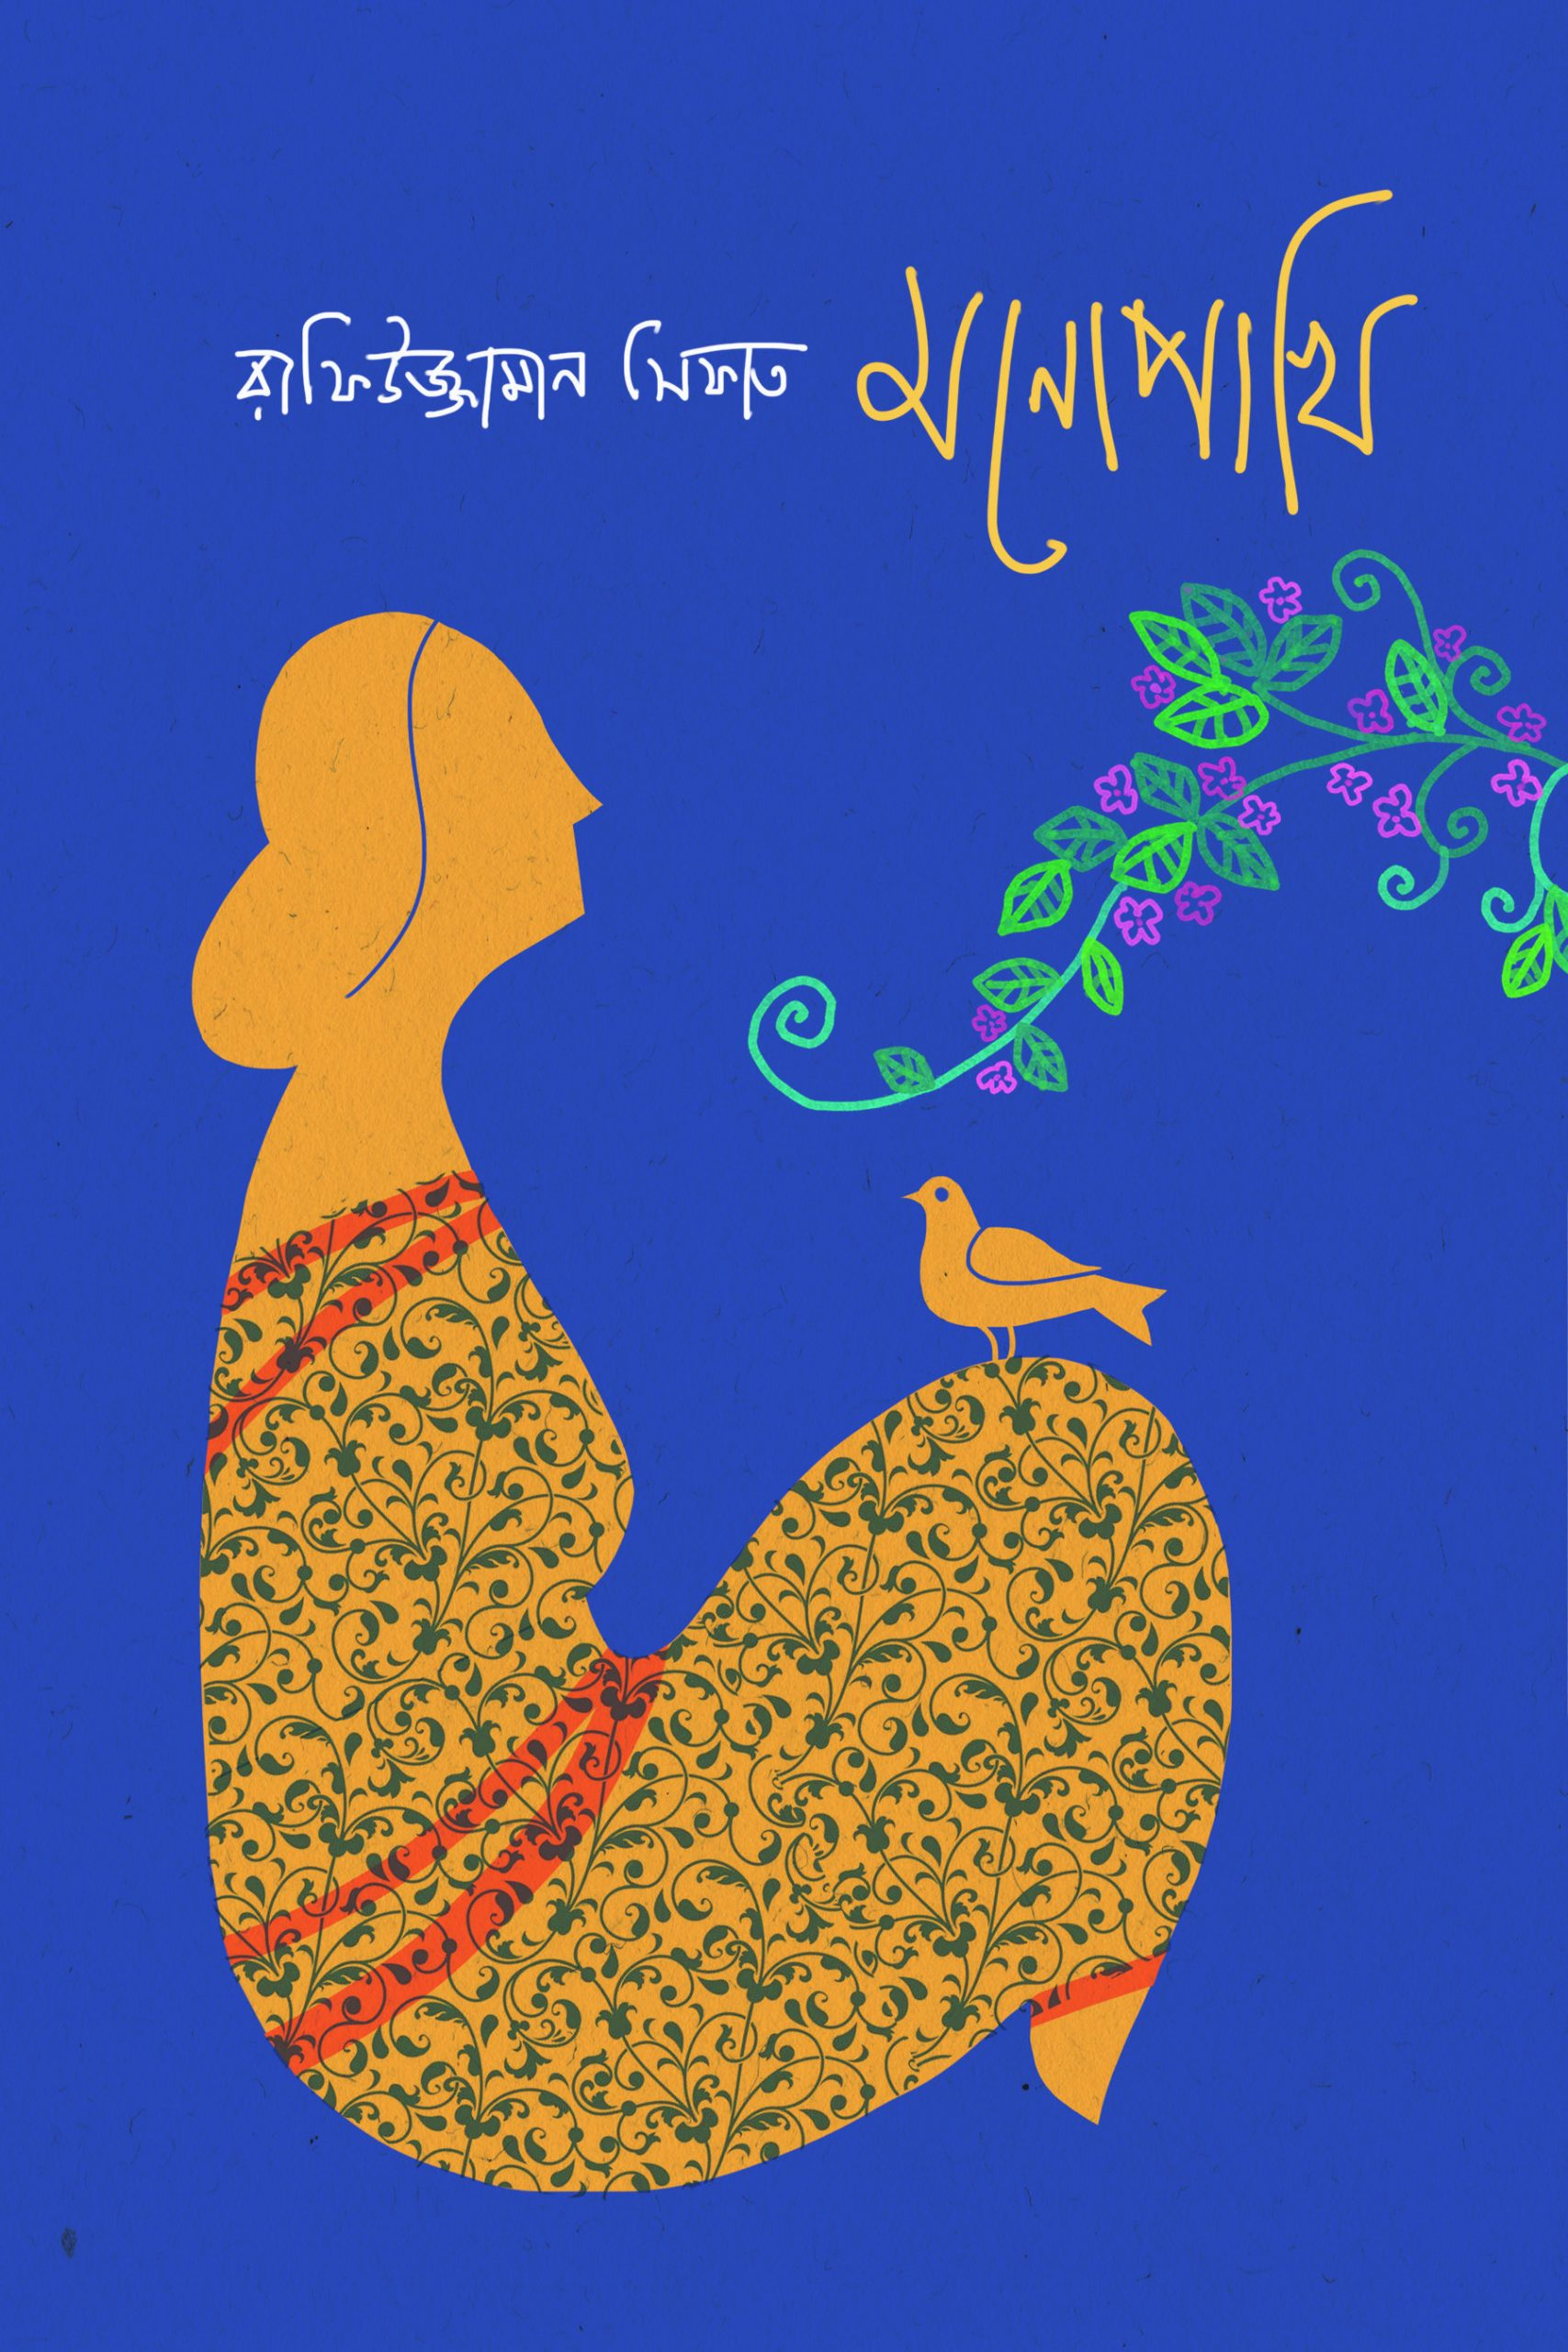 মনোপাখি রাফিউজ্জামান সিফাত উপন্যাস monopakhi